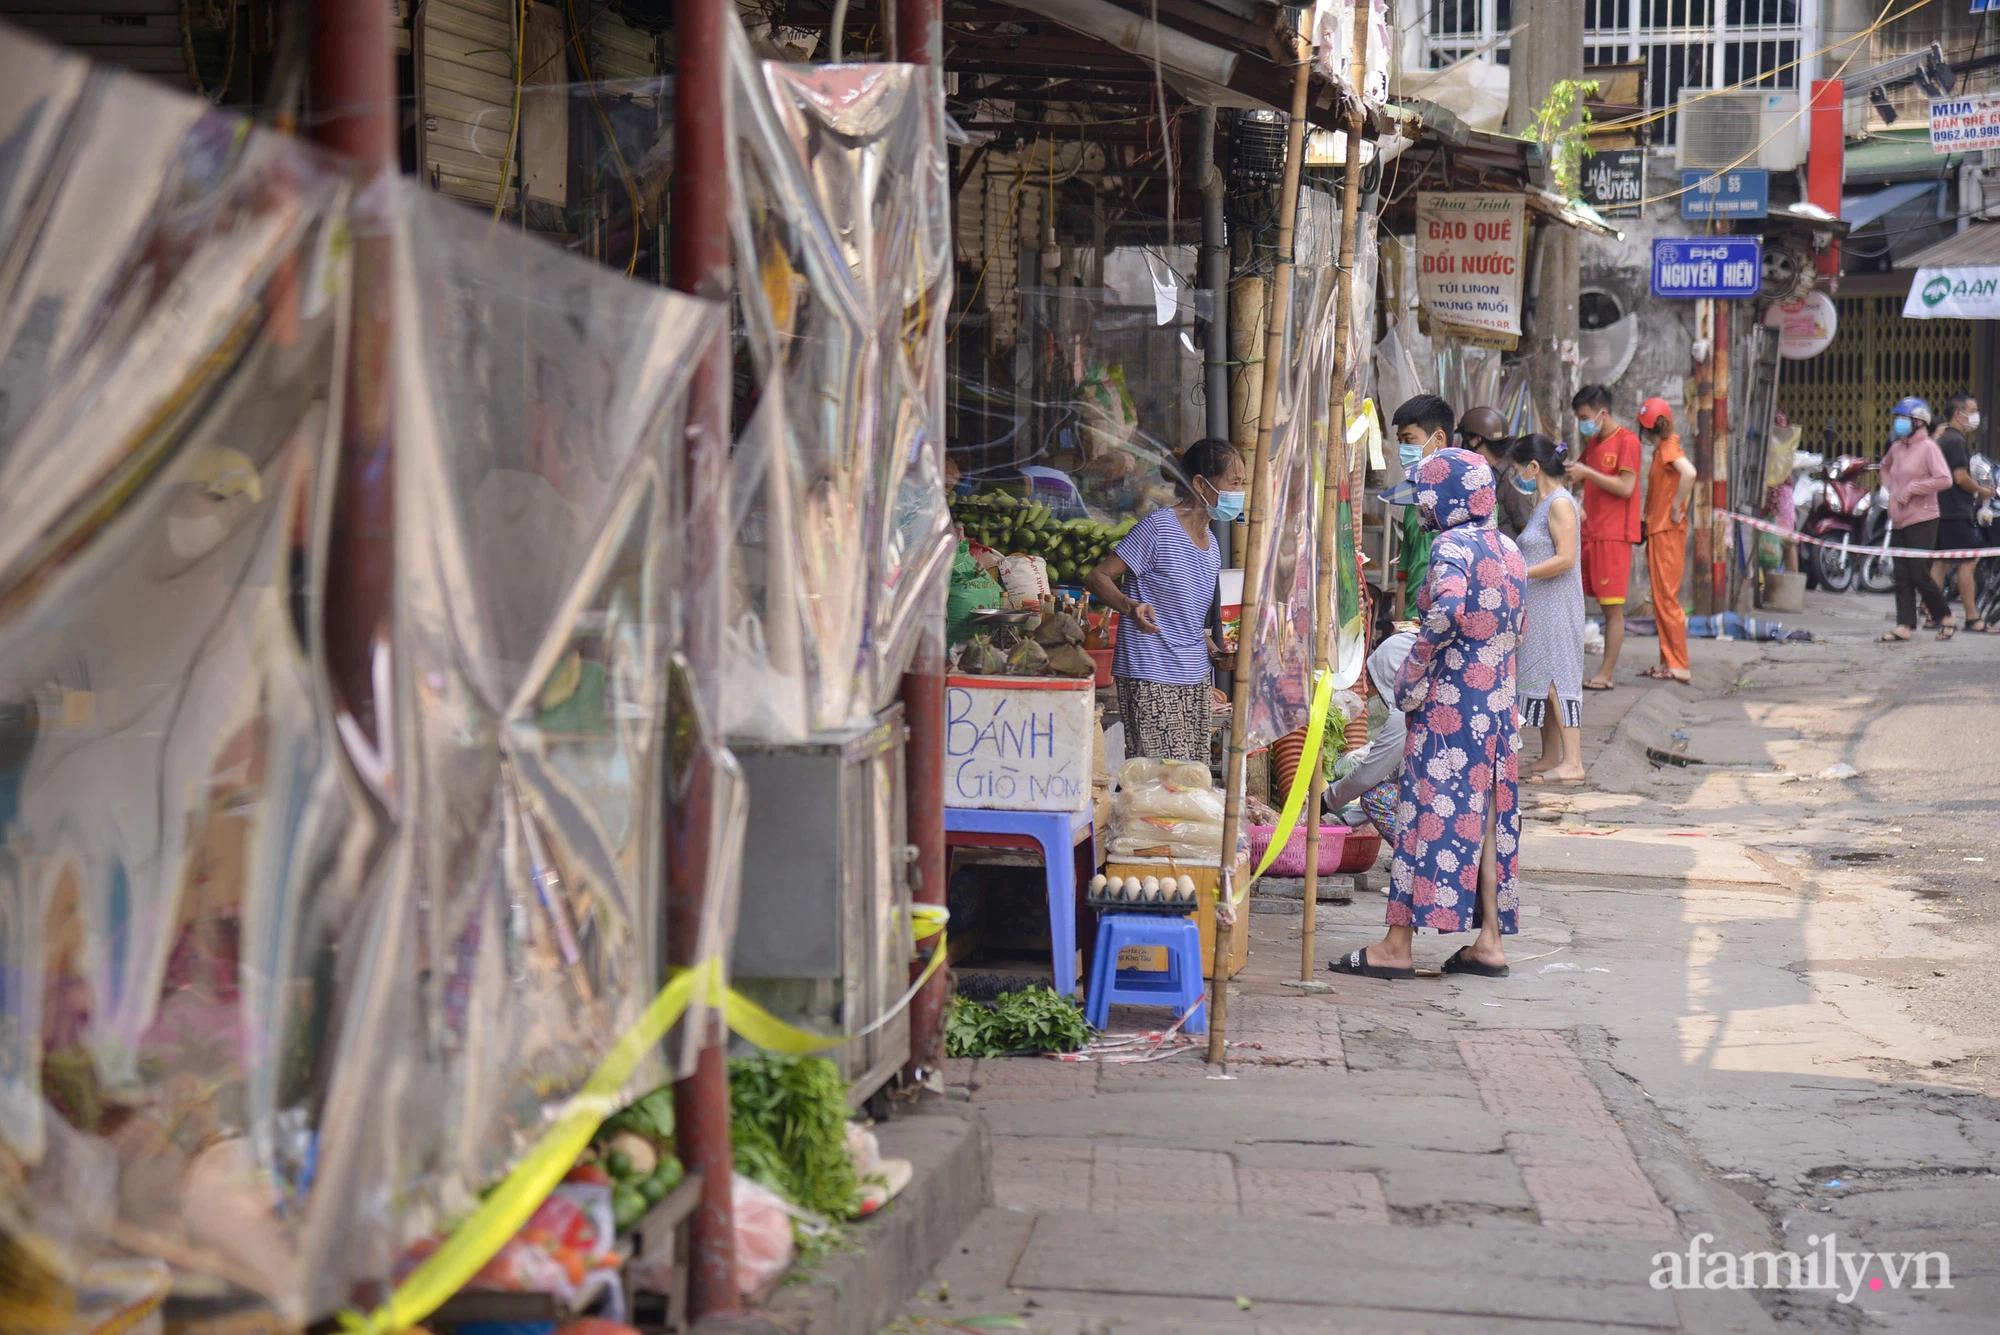 Ấn tượng với khu chợ dân sinh đầu tiên ở Hà Nội quây tấm nilon phòng dịch COVID-19, tiểu thương chia ca đứng bán theo ngày chẵn, lẻ - Ảnh 11.